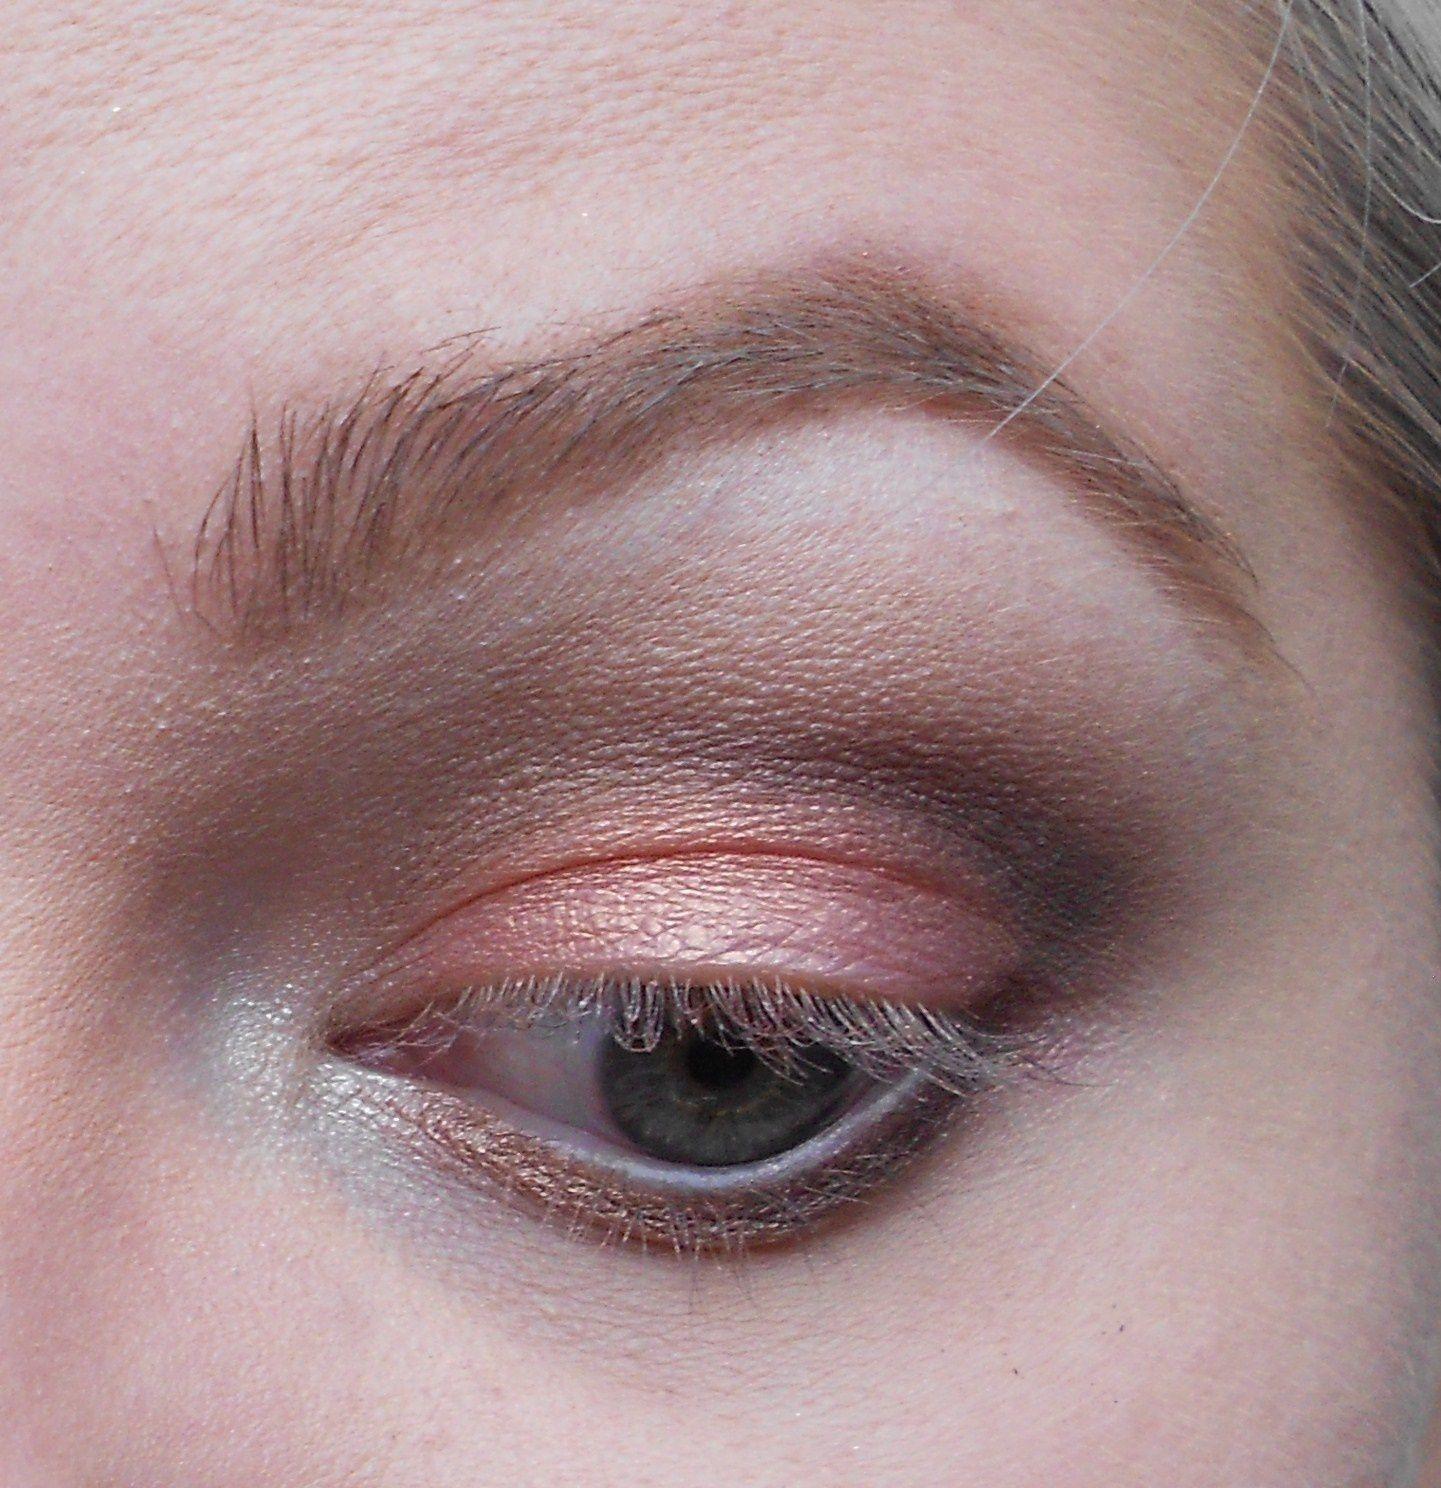 Avec le pinceau fin de tout à l'heure, on prend un marron très foncé, qu'on applique dans le creux de l'oeil en allant pas trop vers le coin interne. On en met également en coin externe du ras de cil inférieur. Et on vient estomper le tout avec le pinceaux estompeur.